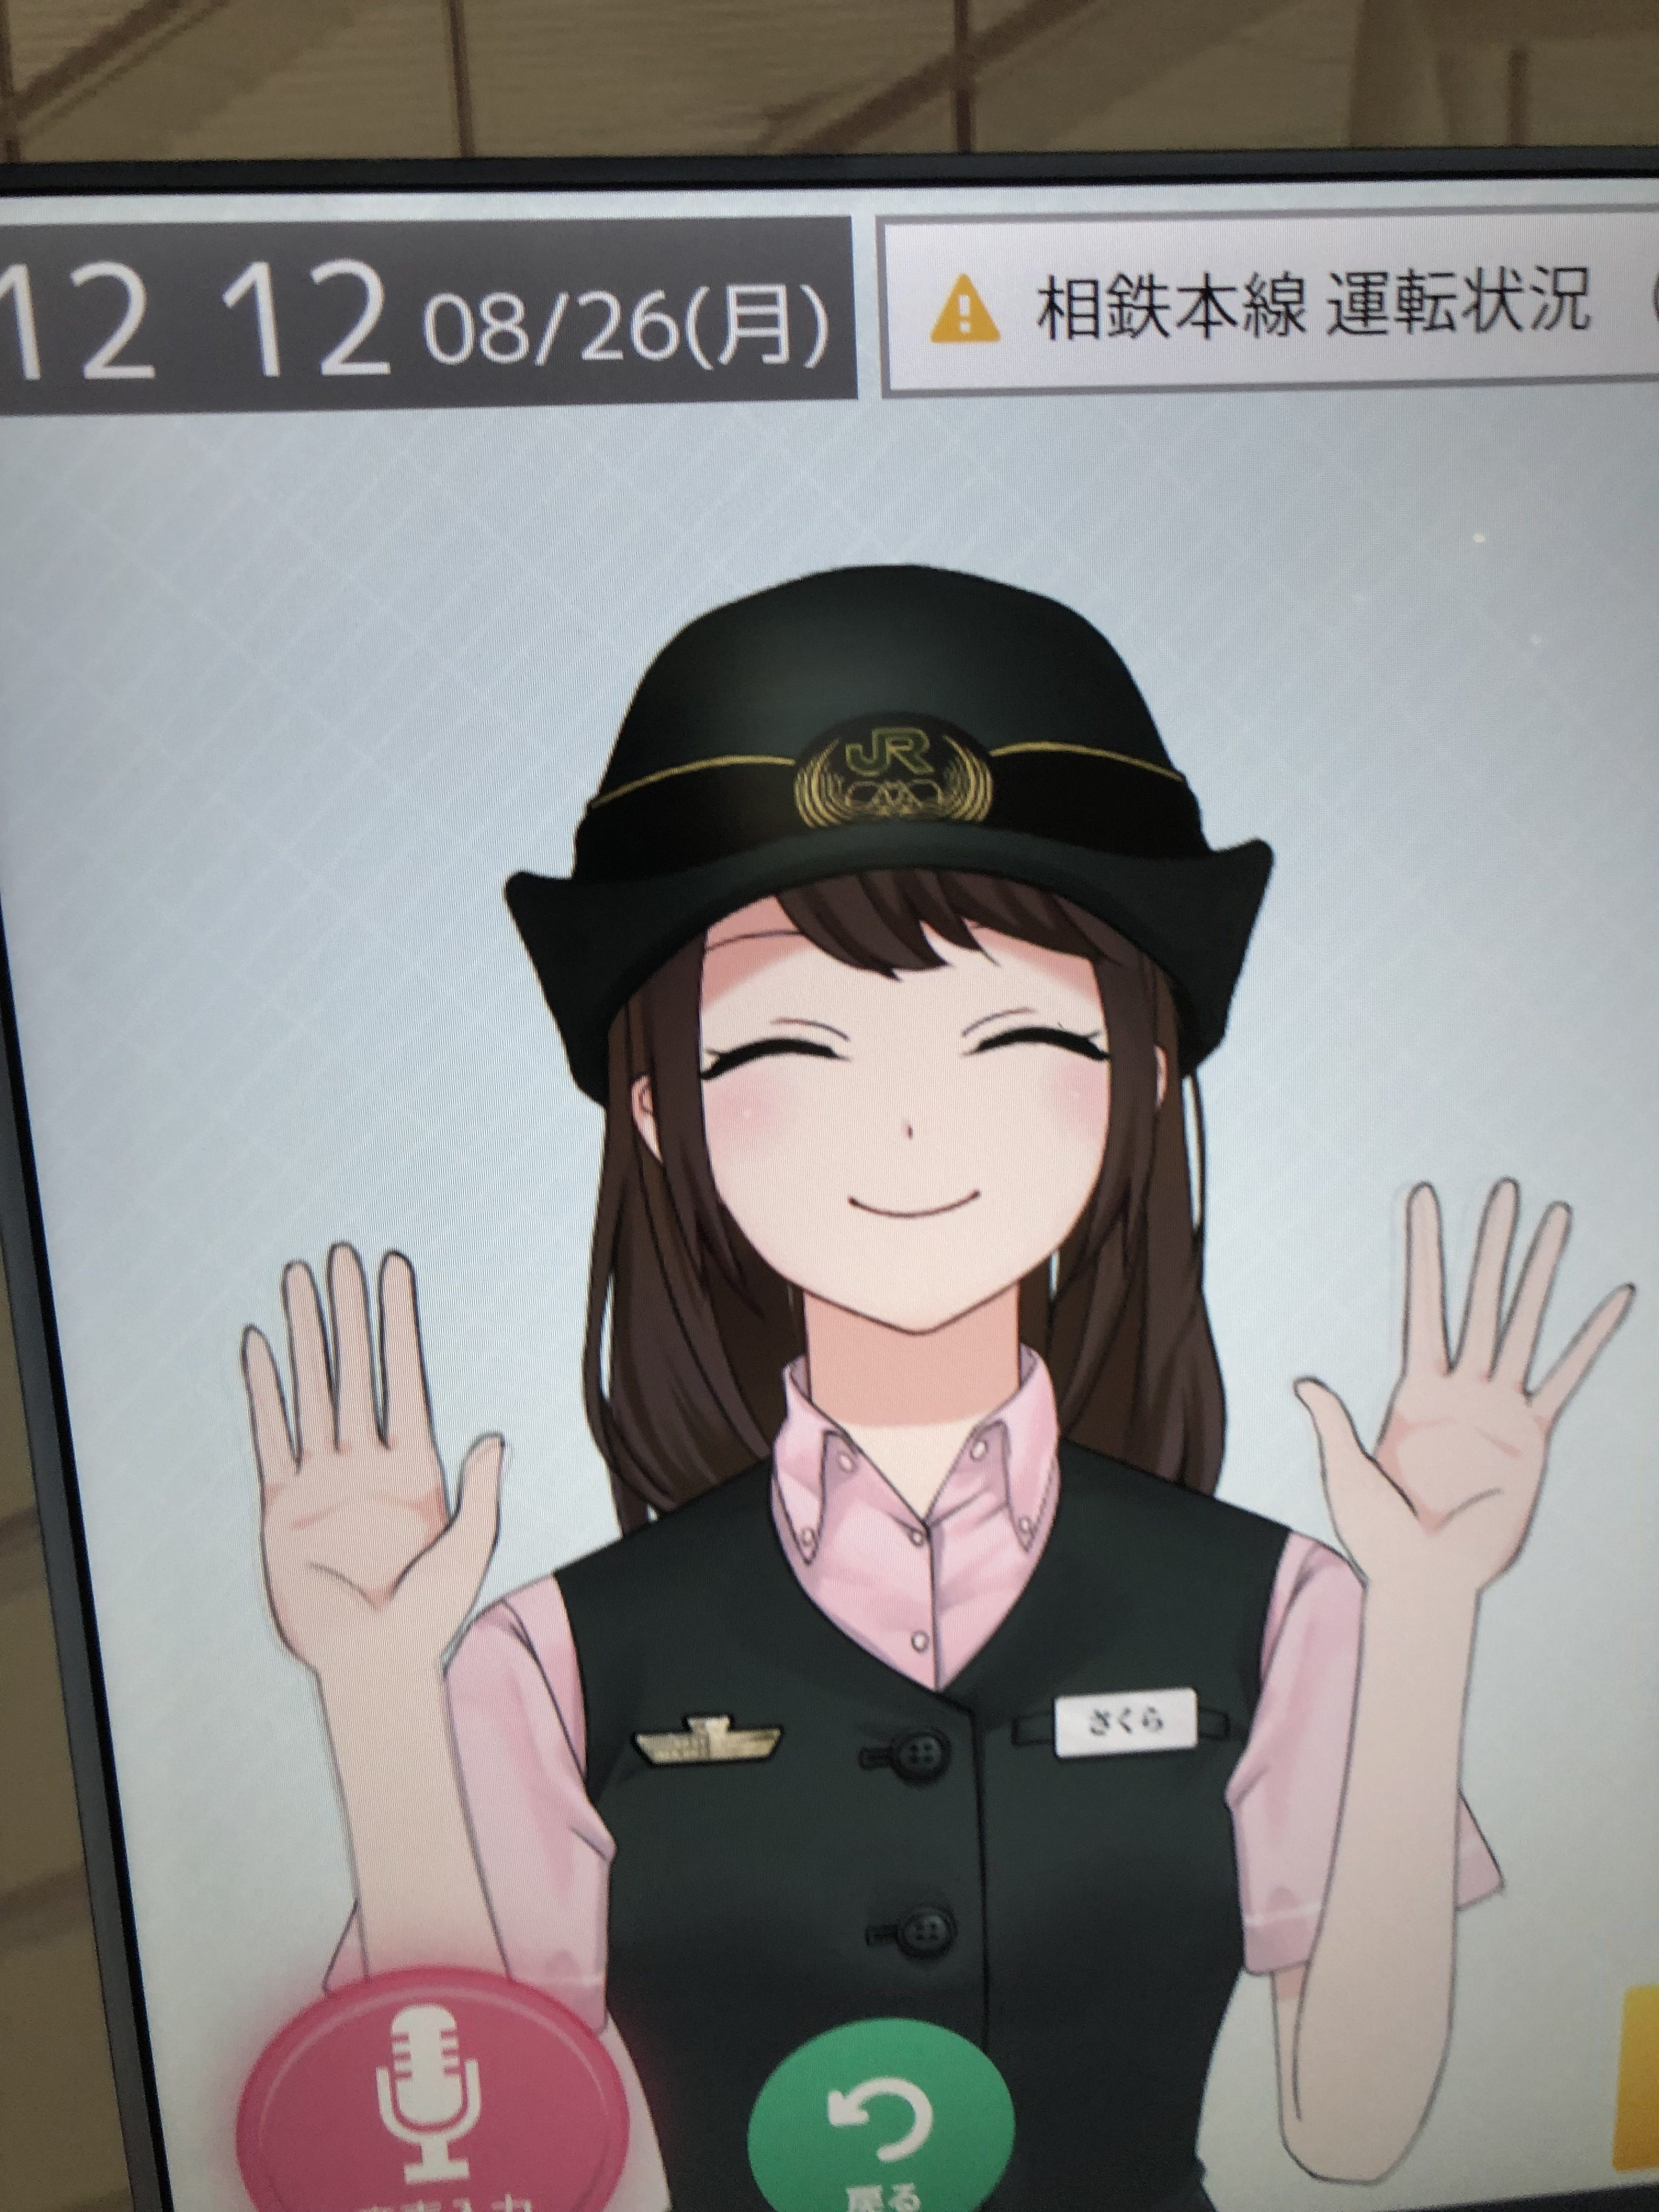 【進化するAI】JR東日本で実証実験中のAIさくらさんに迫る【かわいい】